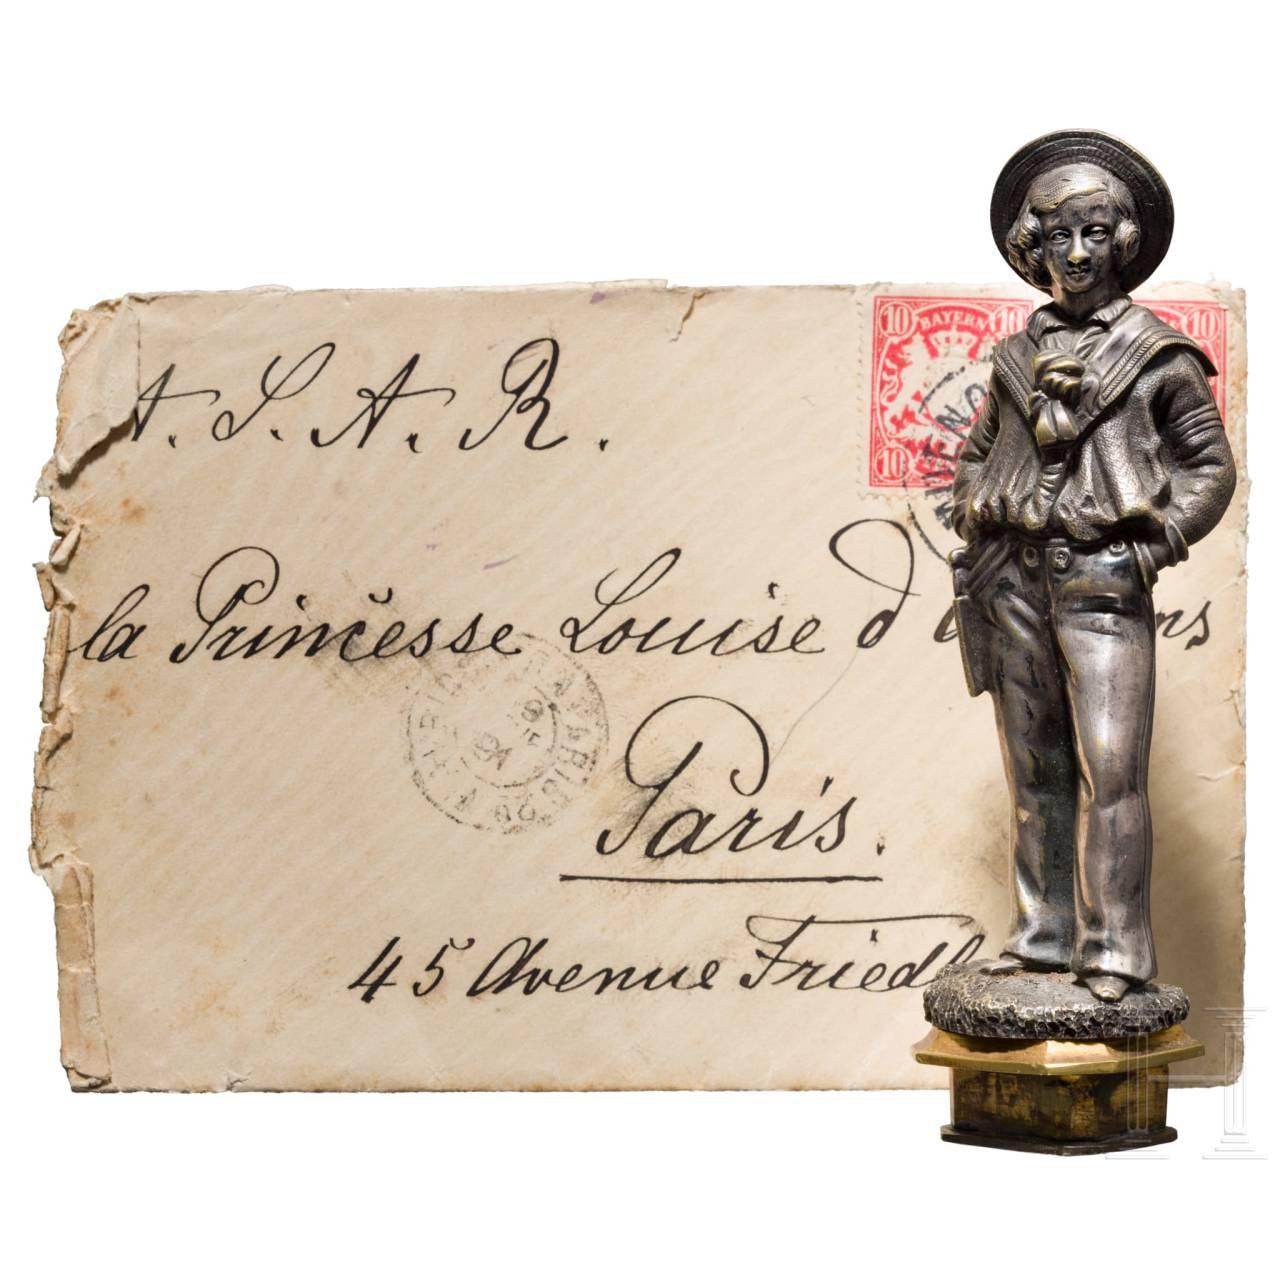 Prinz Alfons von Bayern (1862 - 1933) - persönliches Petschaft sowie gesiegeltes Briefkuvert